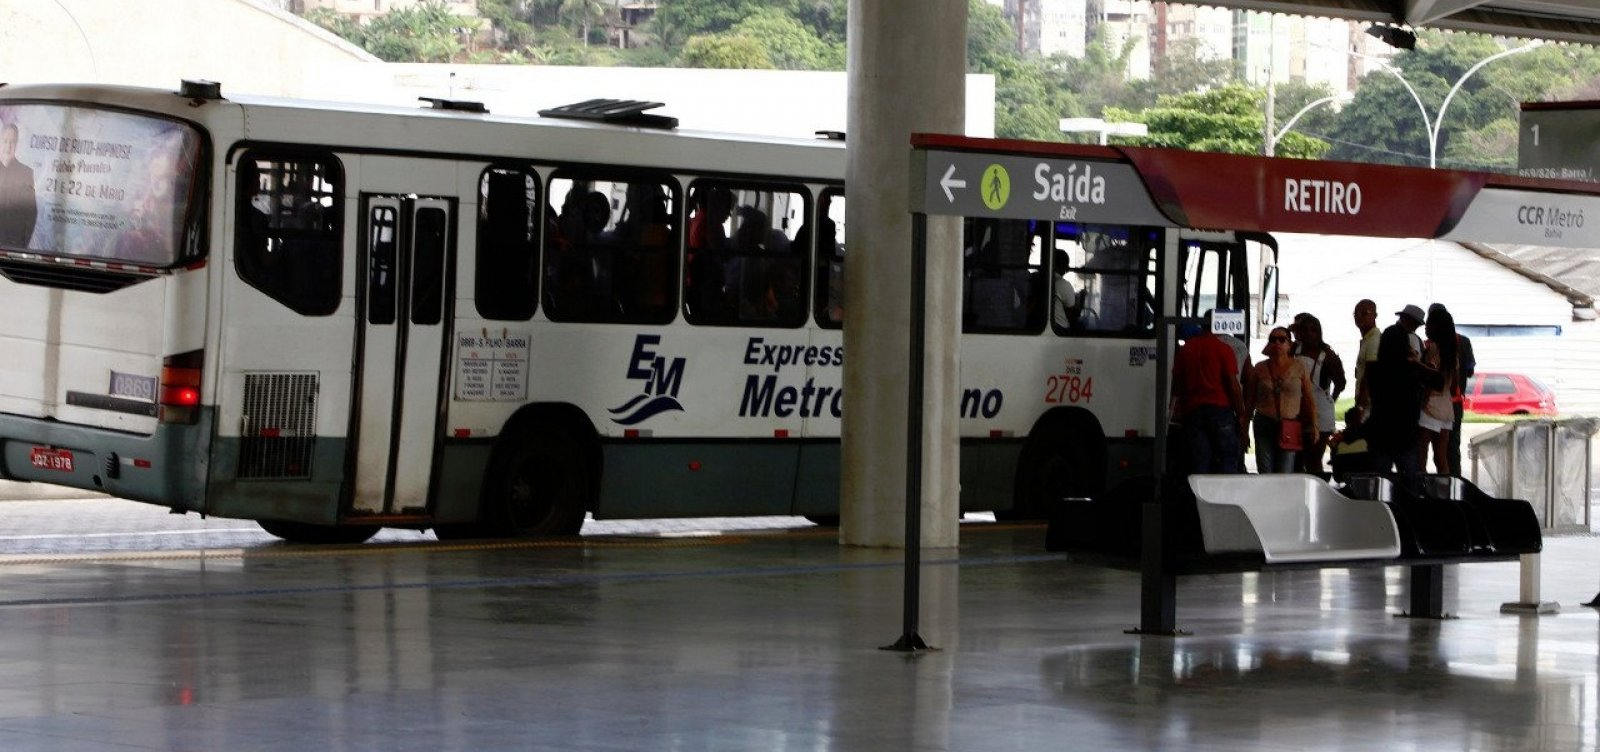 [Ônibus do transporte metropolitano também estão parados, diz categoria]